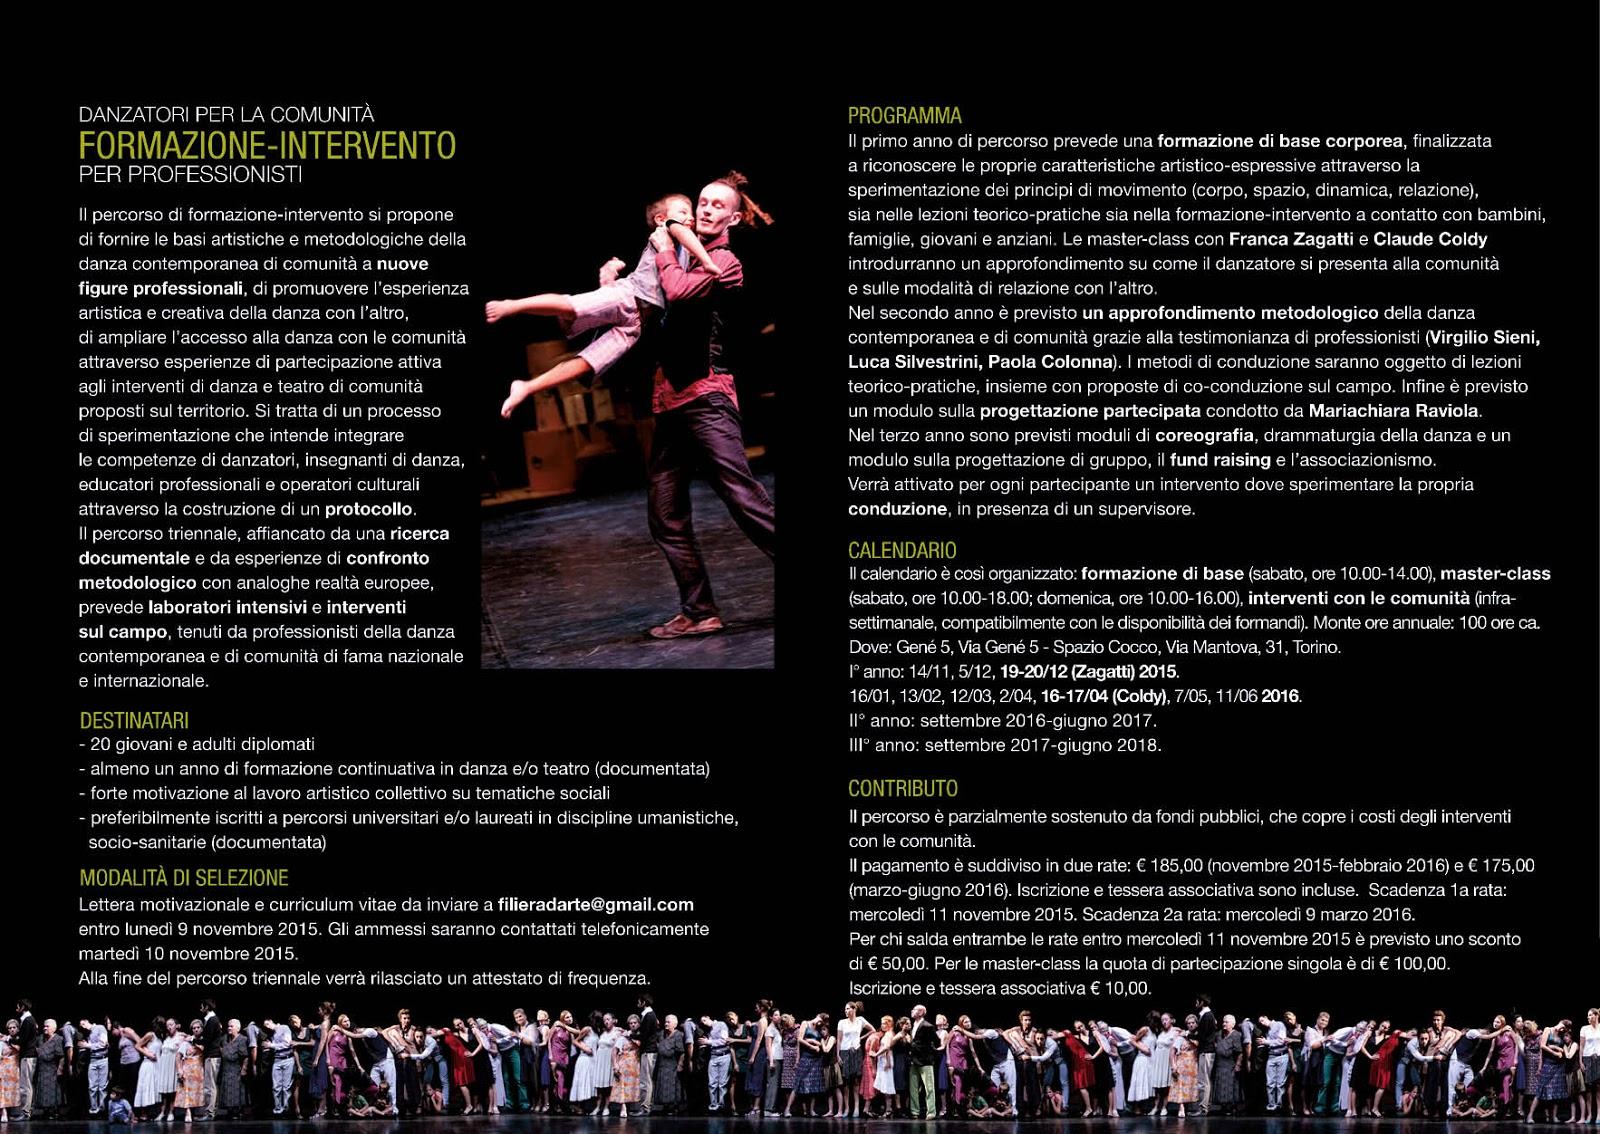 danzatori_comunita2